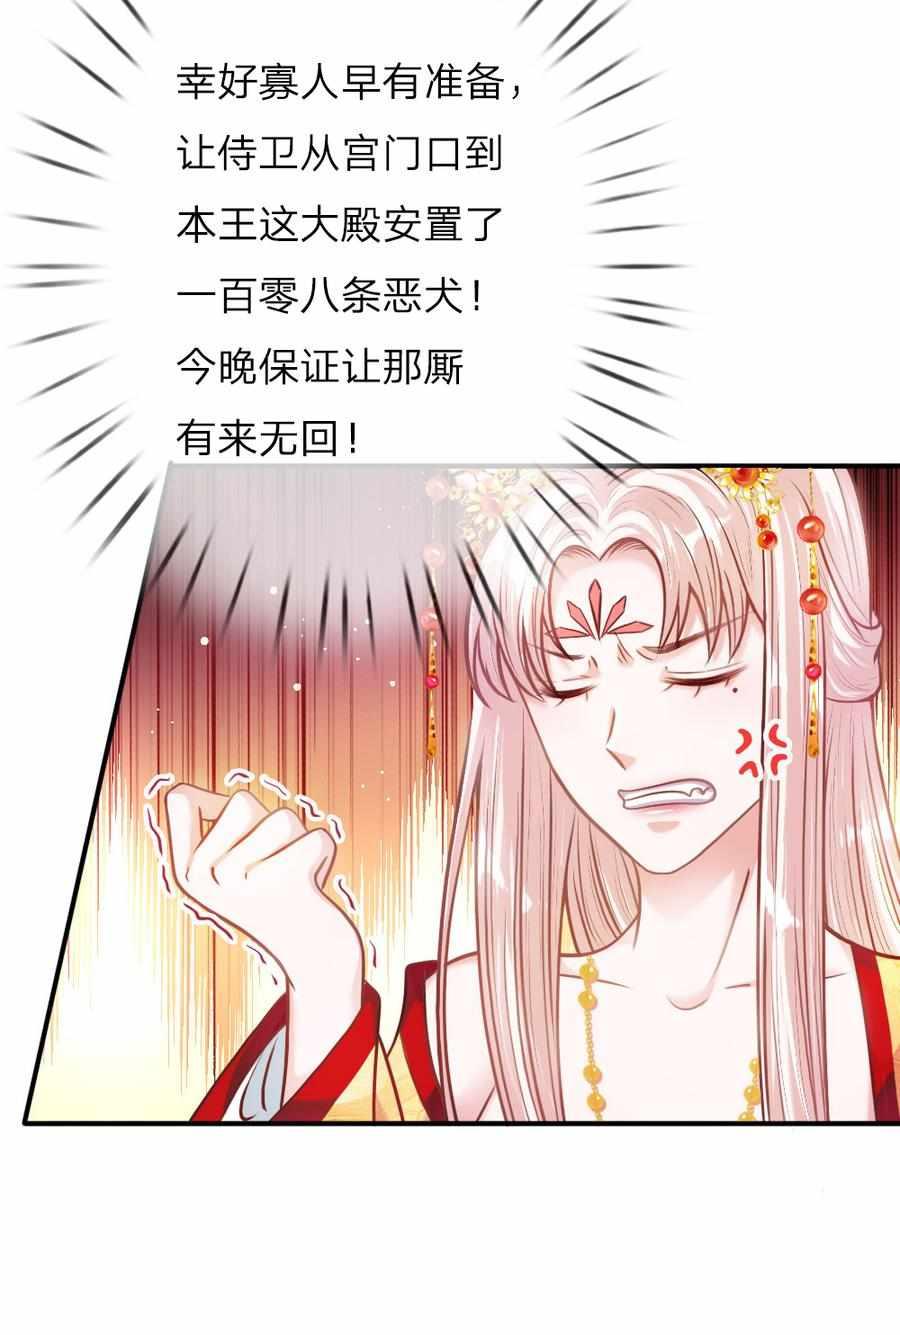 温柔暴君:摄政王爷太凶猛第3话  第3话 奉旨暖床 第 7